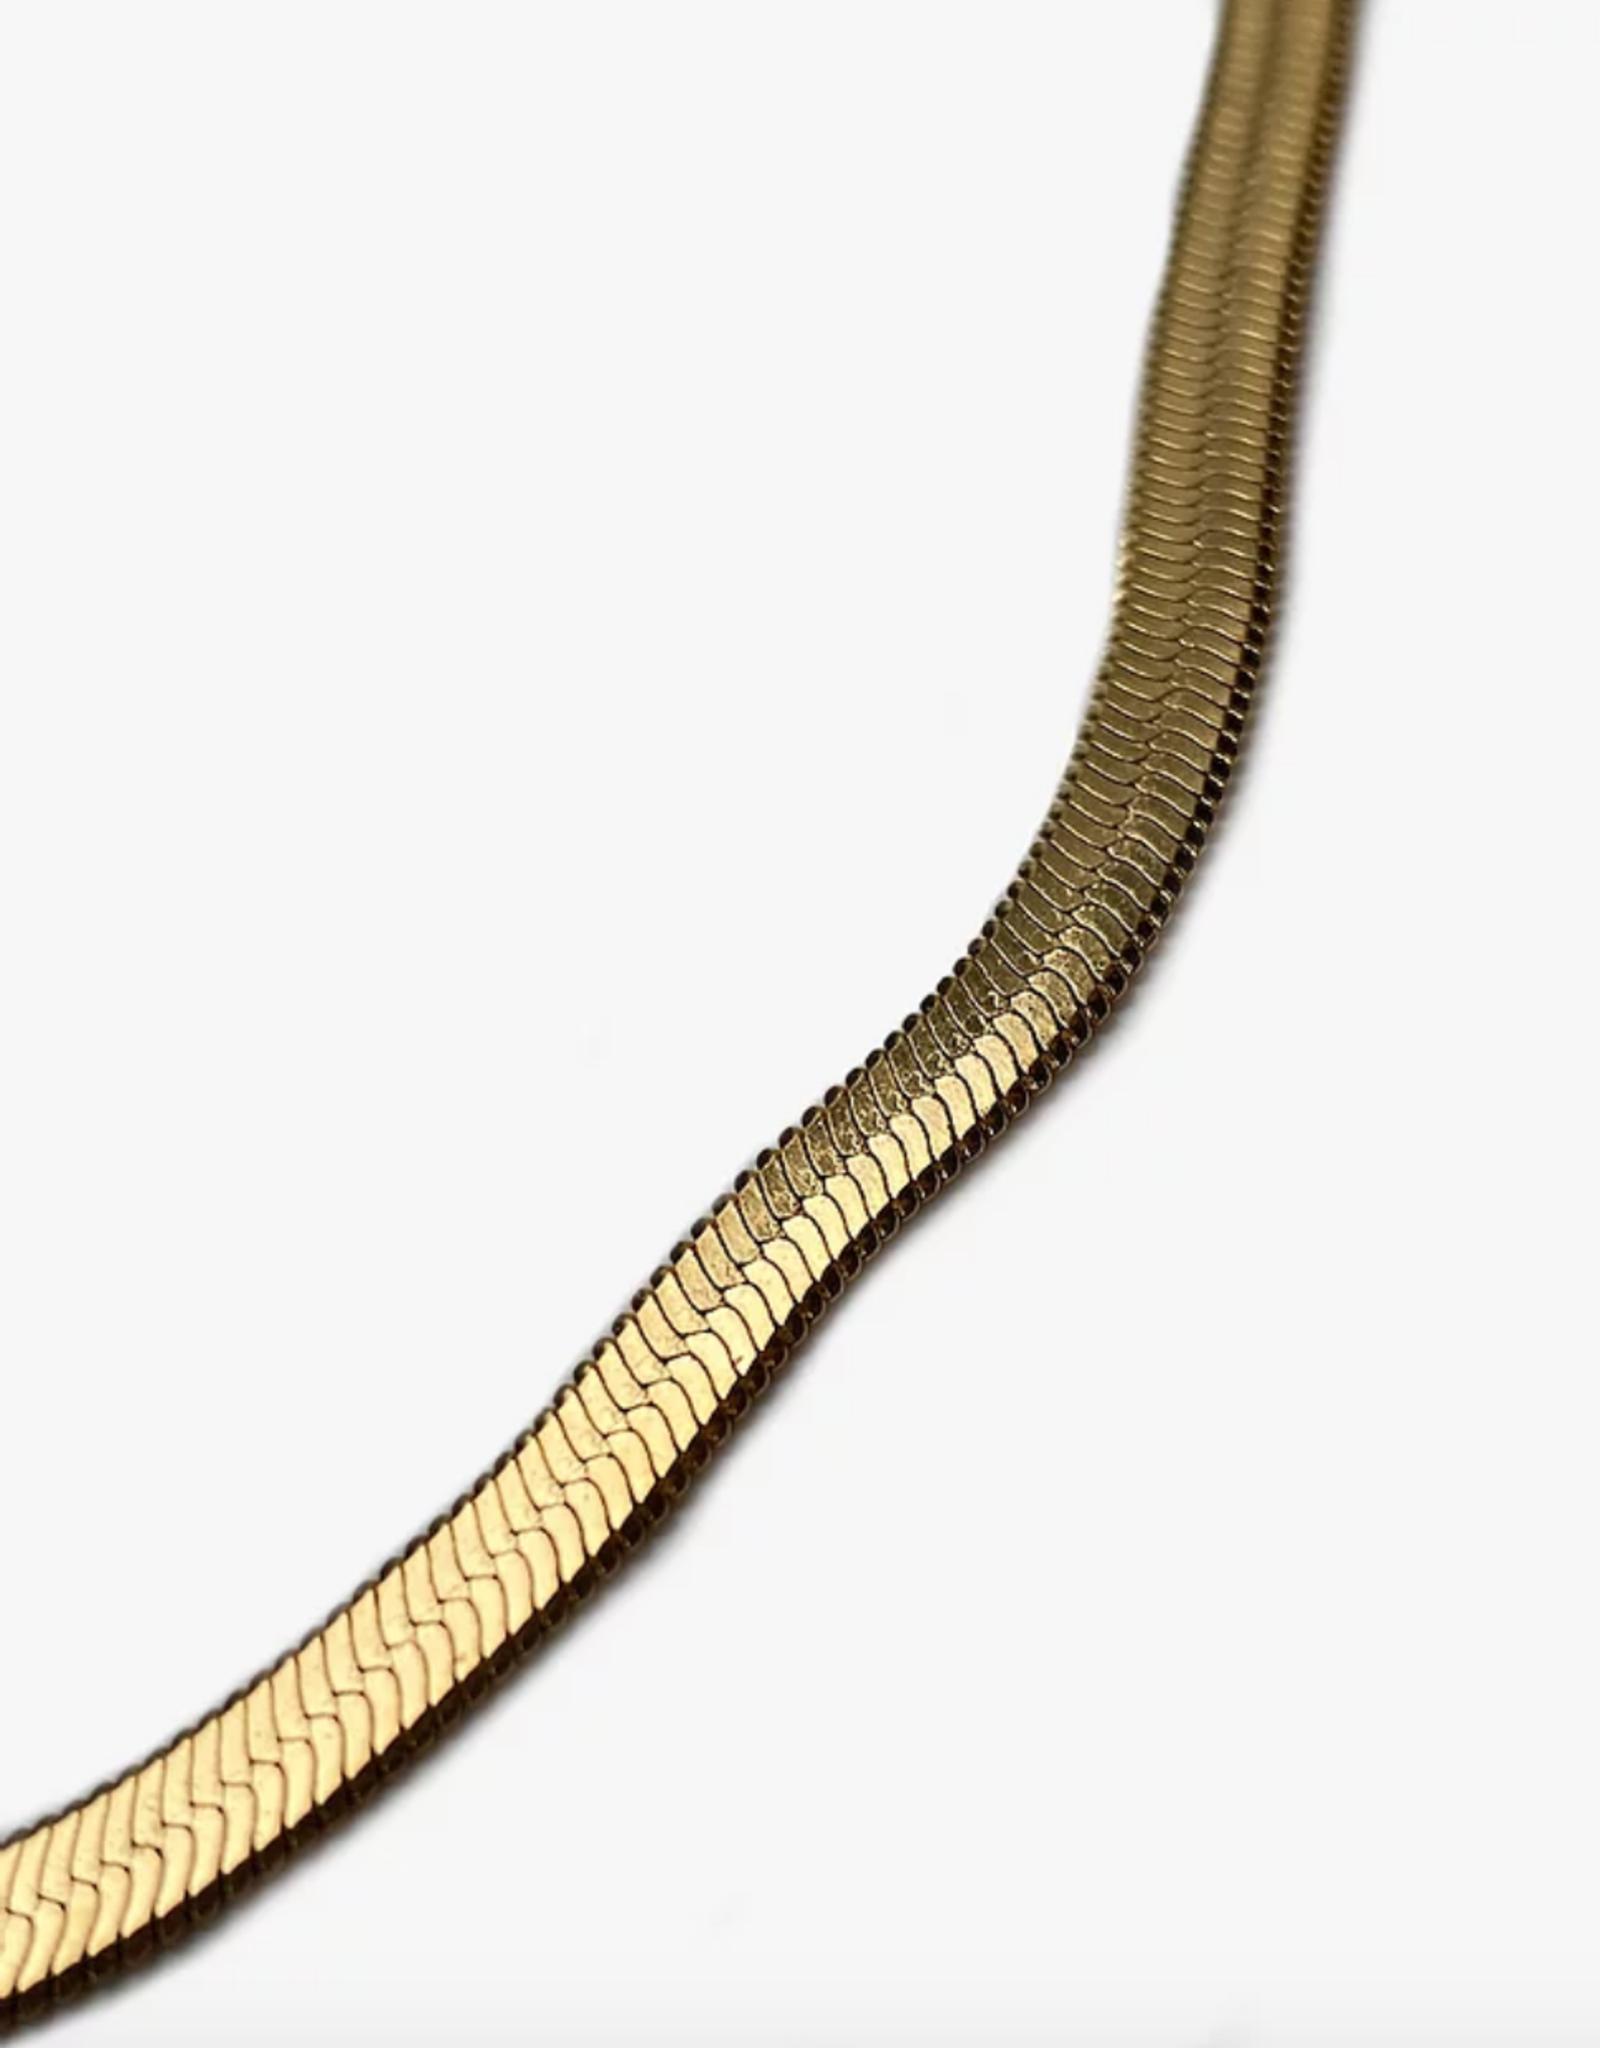 Lakoo Designs Gold Snake 3mm